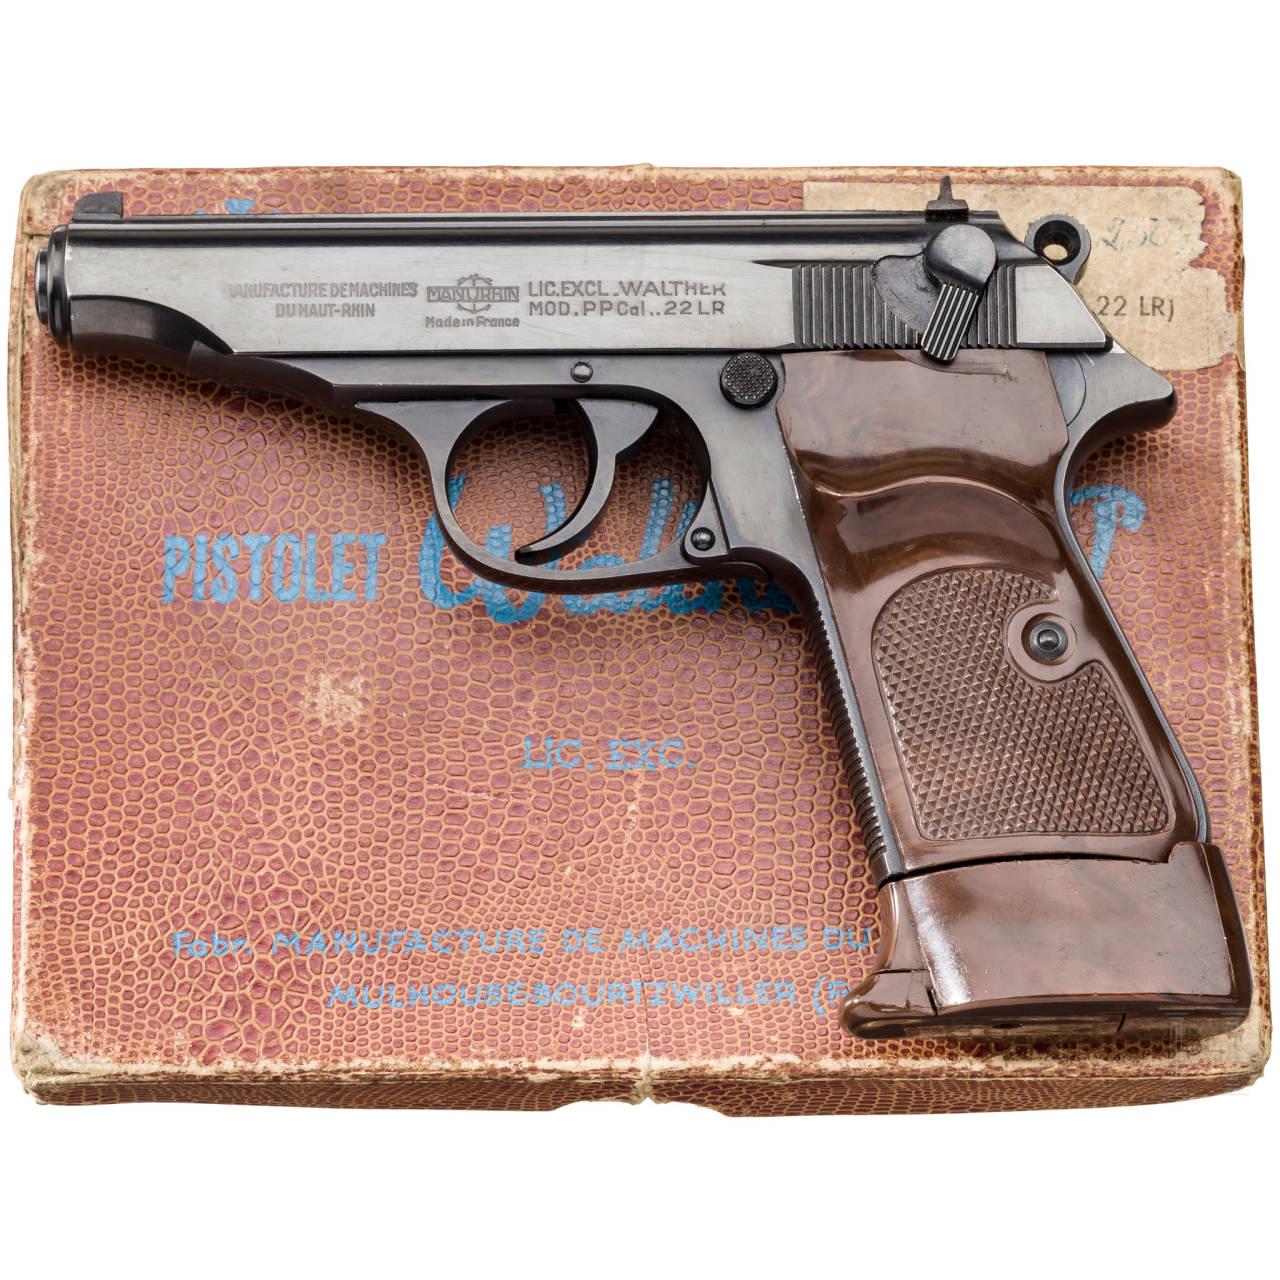 Walther-Manurhin PP, Ordonnanz, im Karton, 1. Waffe eines Pärchens